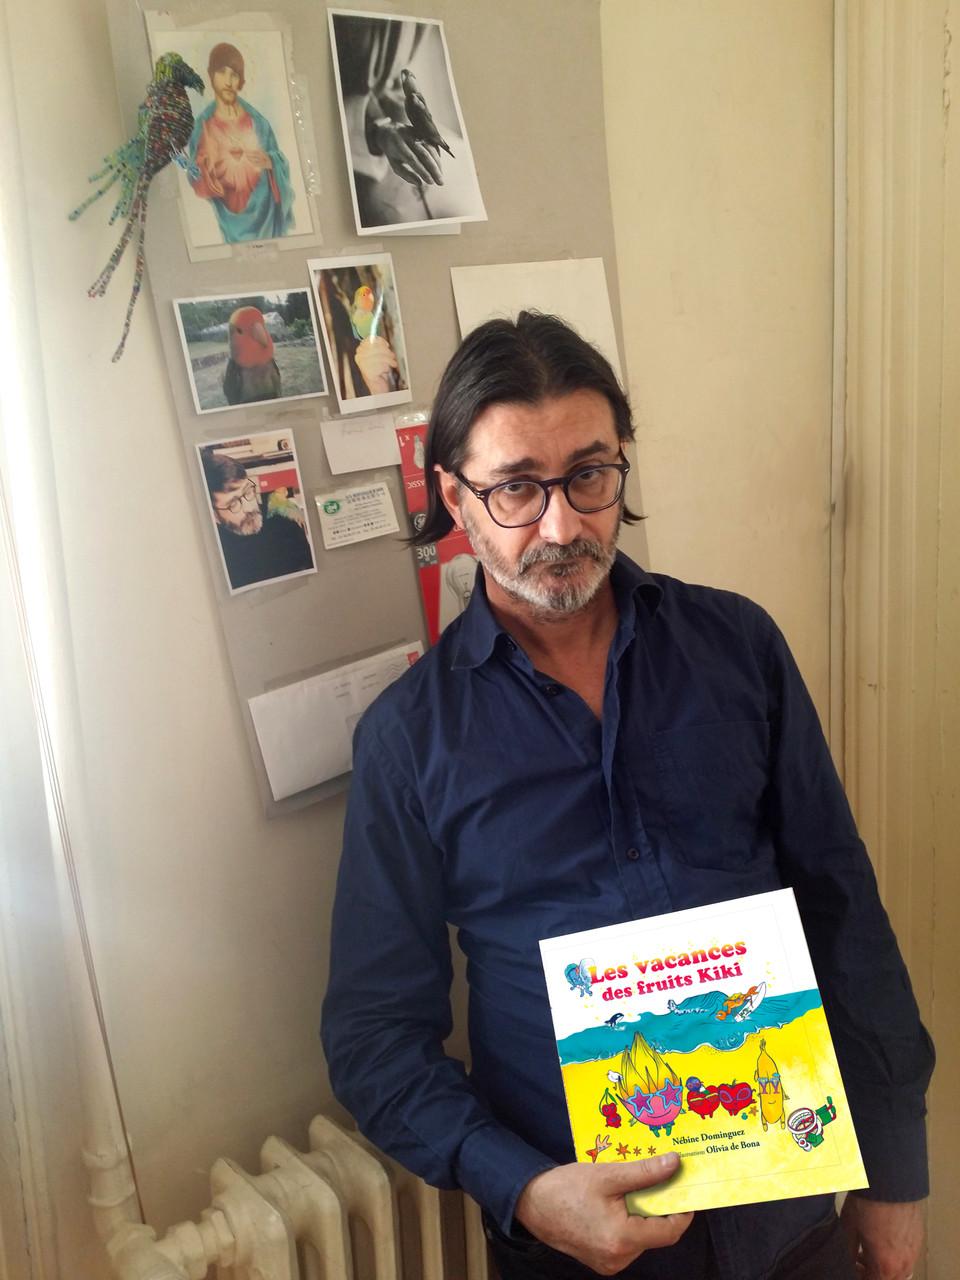 Franck Sorbier - Grand Couturier